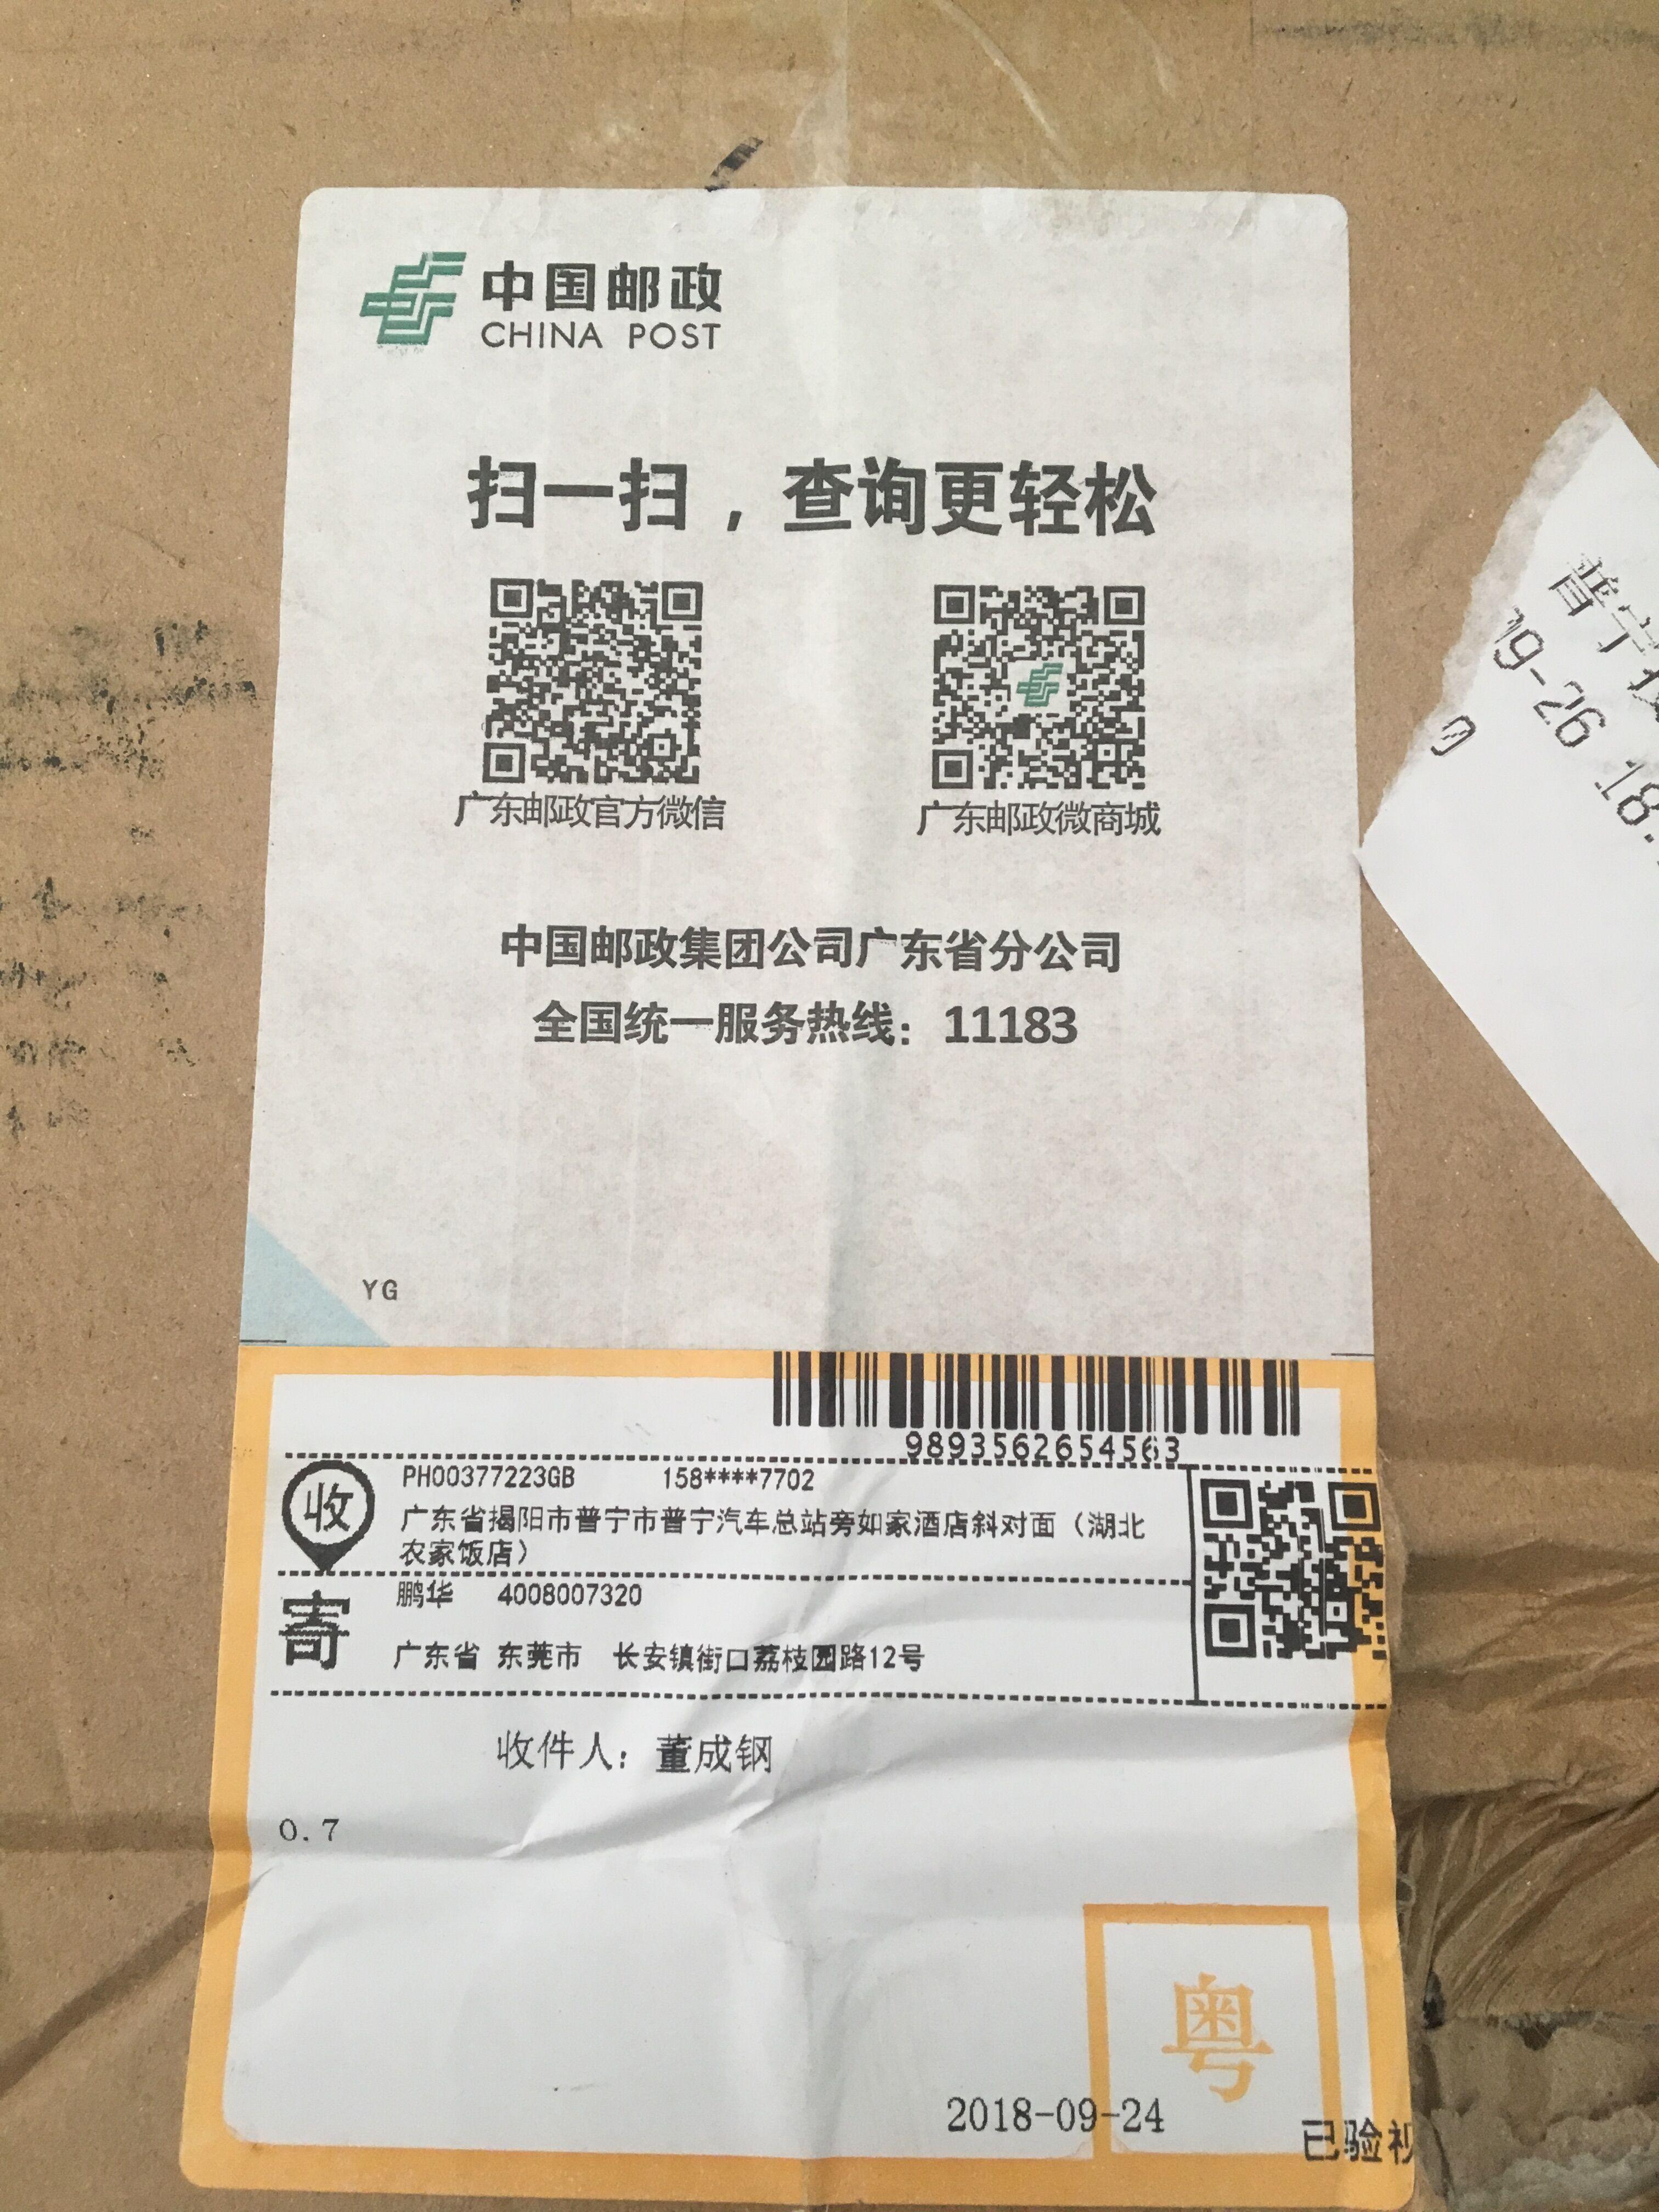 鹏华快递箱 (2).jpg